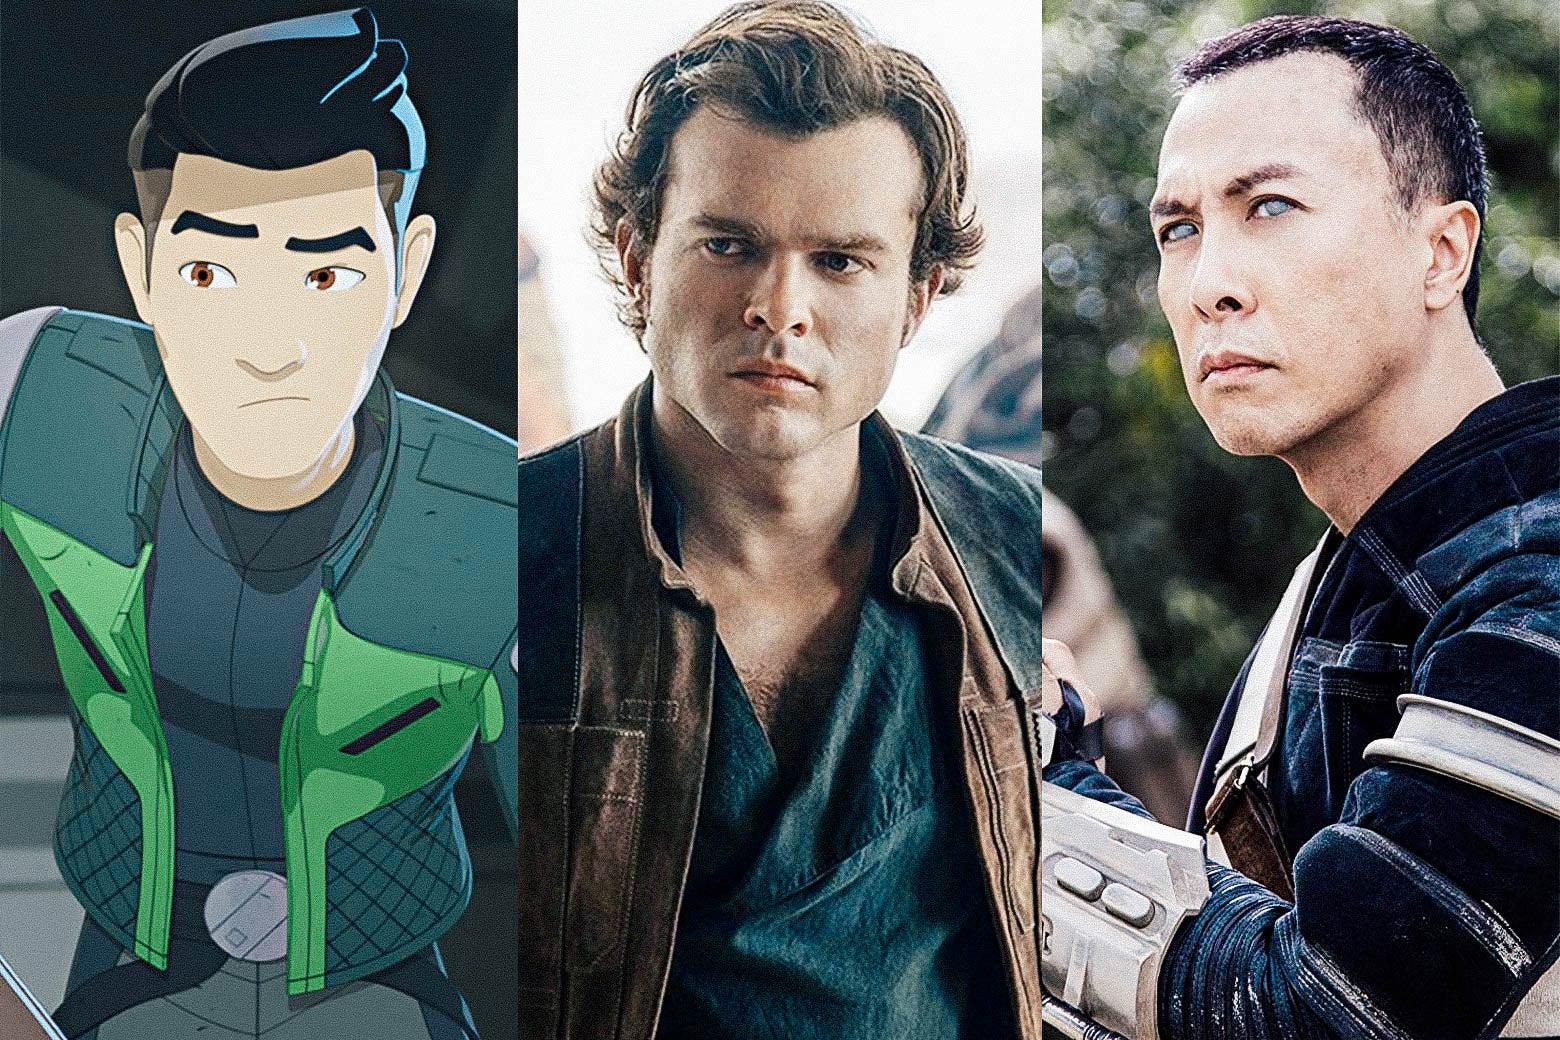 Kazuda in Star Wars Resistance, Alden Ehrenreich in Solo, and Donnie Yen in Rogue One